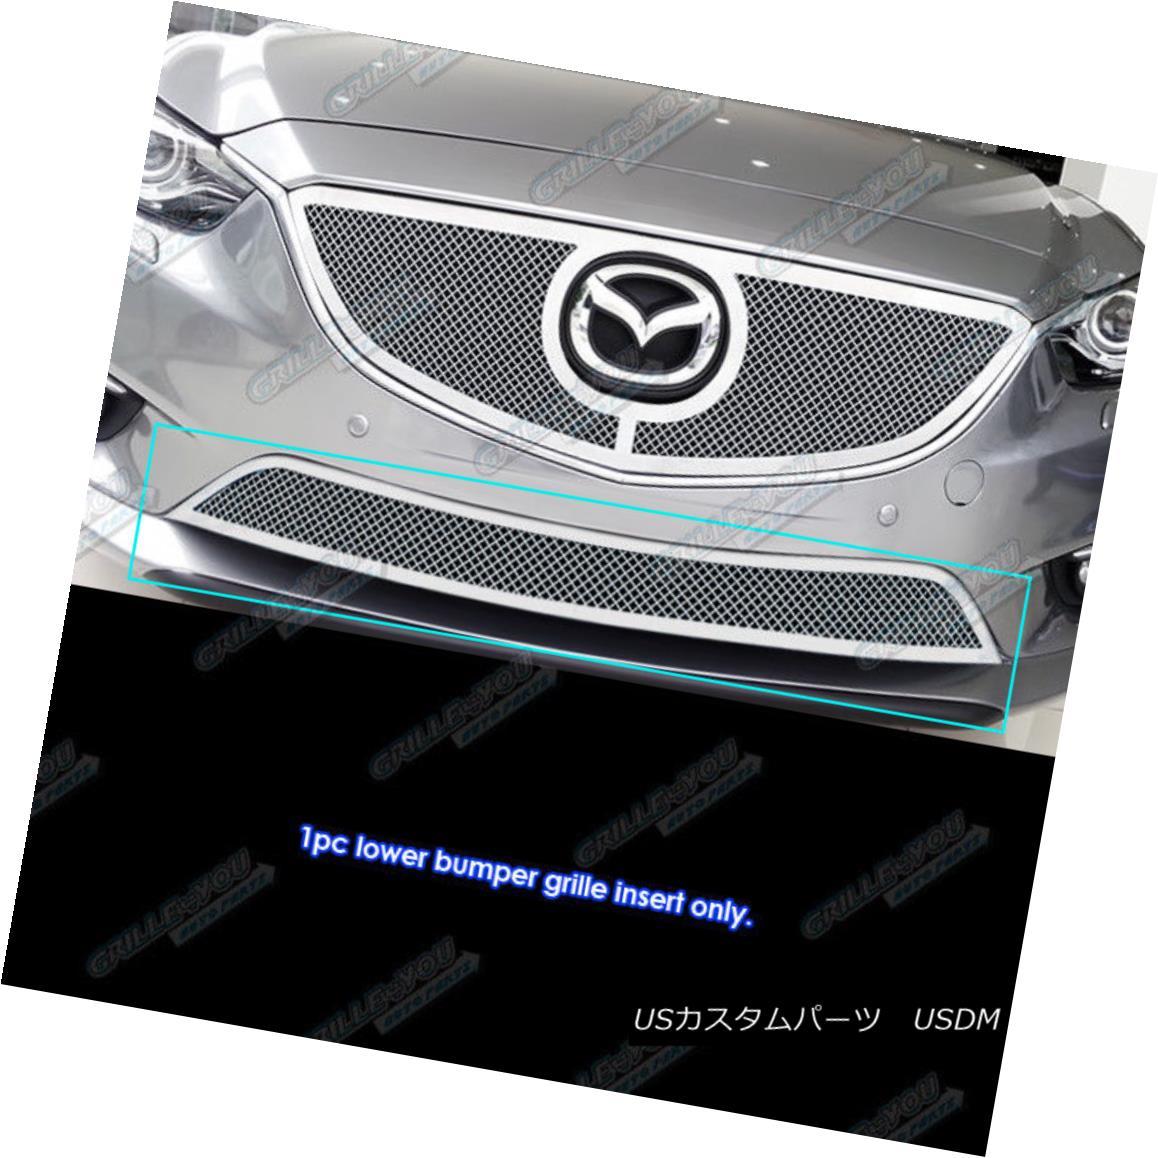 グリル Fits 2014-2016 Mazda 6 Stainless Lower Lower Bumper Mesh grille Insert フィット2014-2016マツダ6ステンレス下部ロワーバンパーメッシュグリルインサート